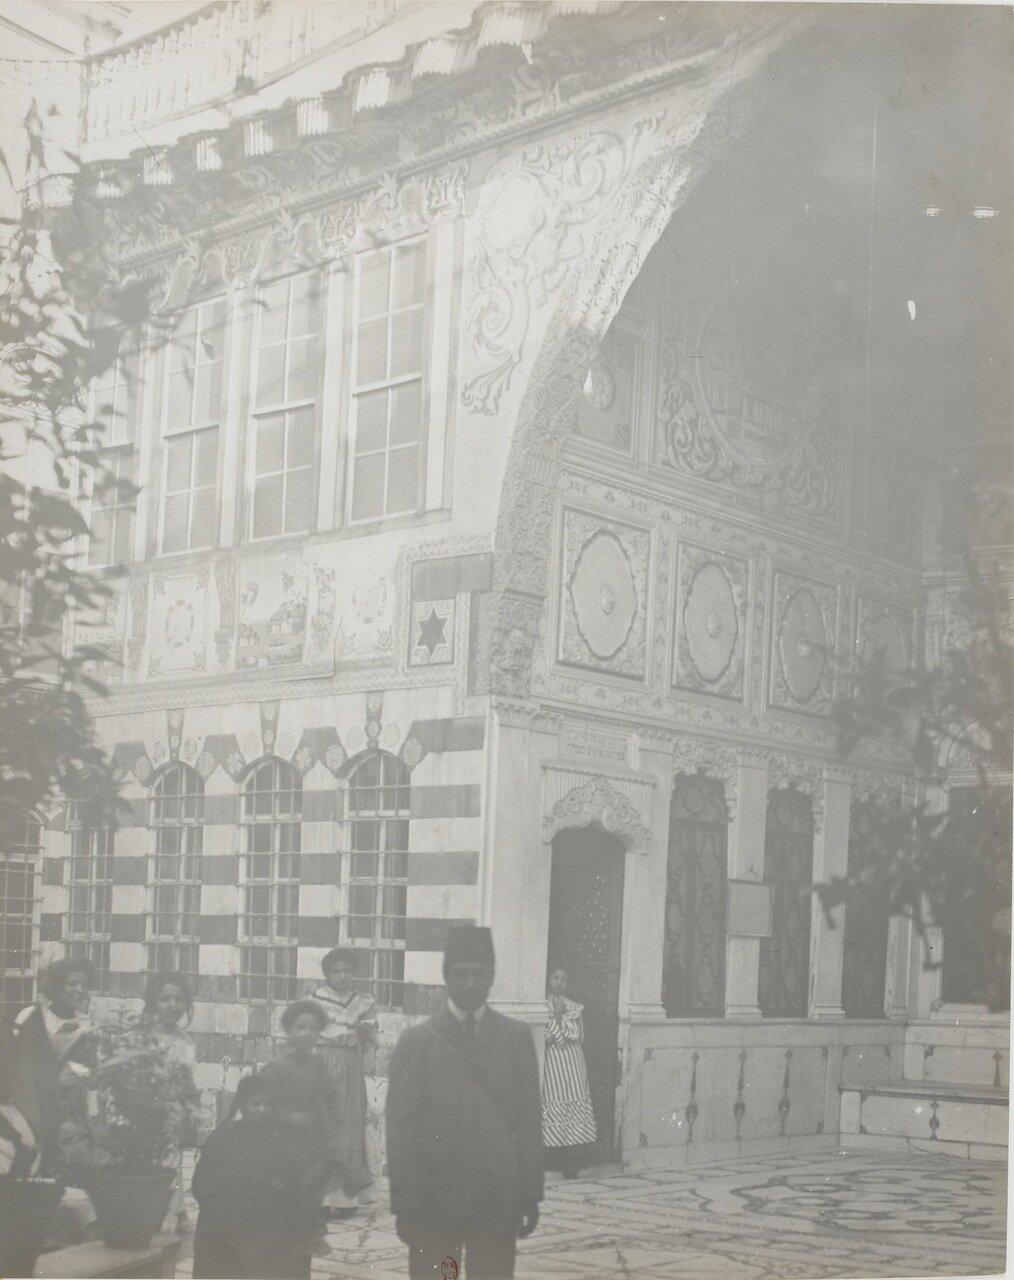 Сирия. Дамаск. Еврейская школа.